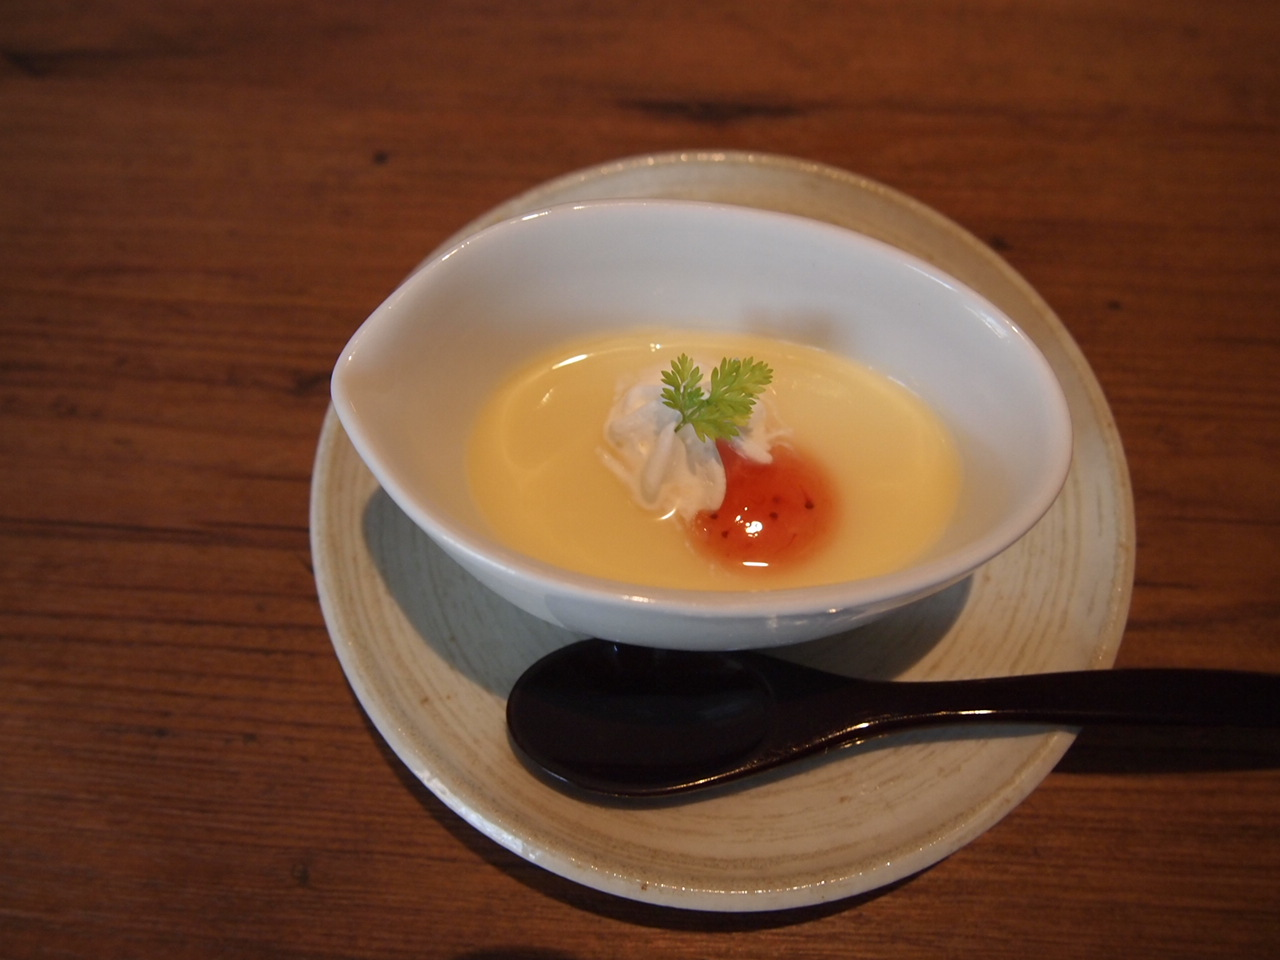 音羽茶屋 芦屋店   海鮮料理、懐石・会席料理_d0083265_22404134.jpg